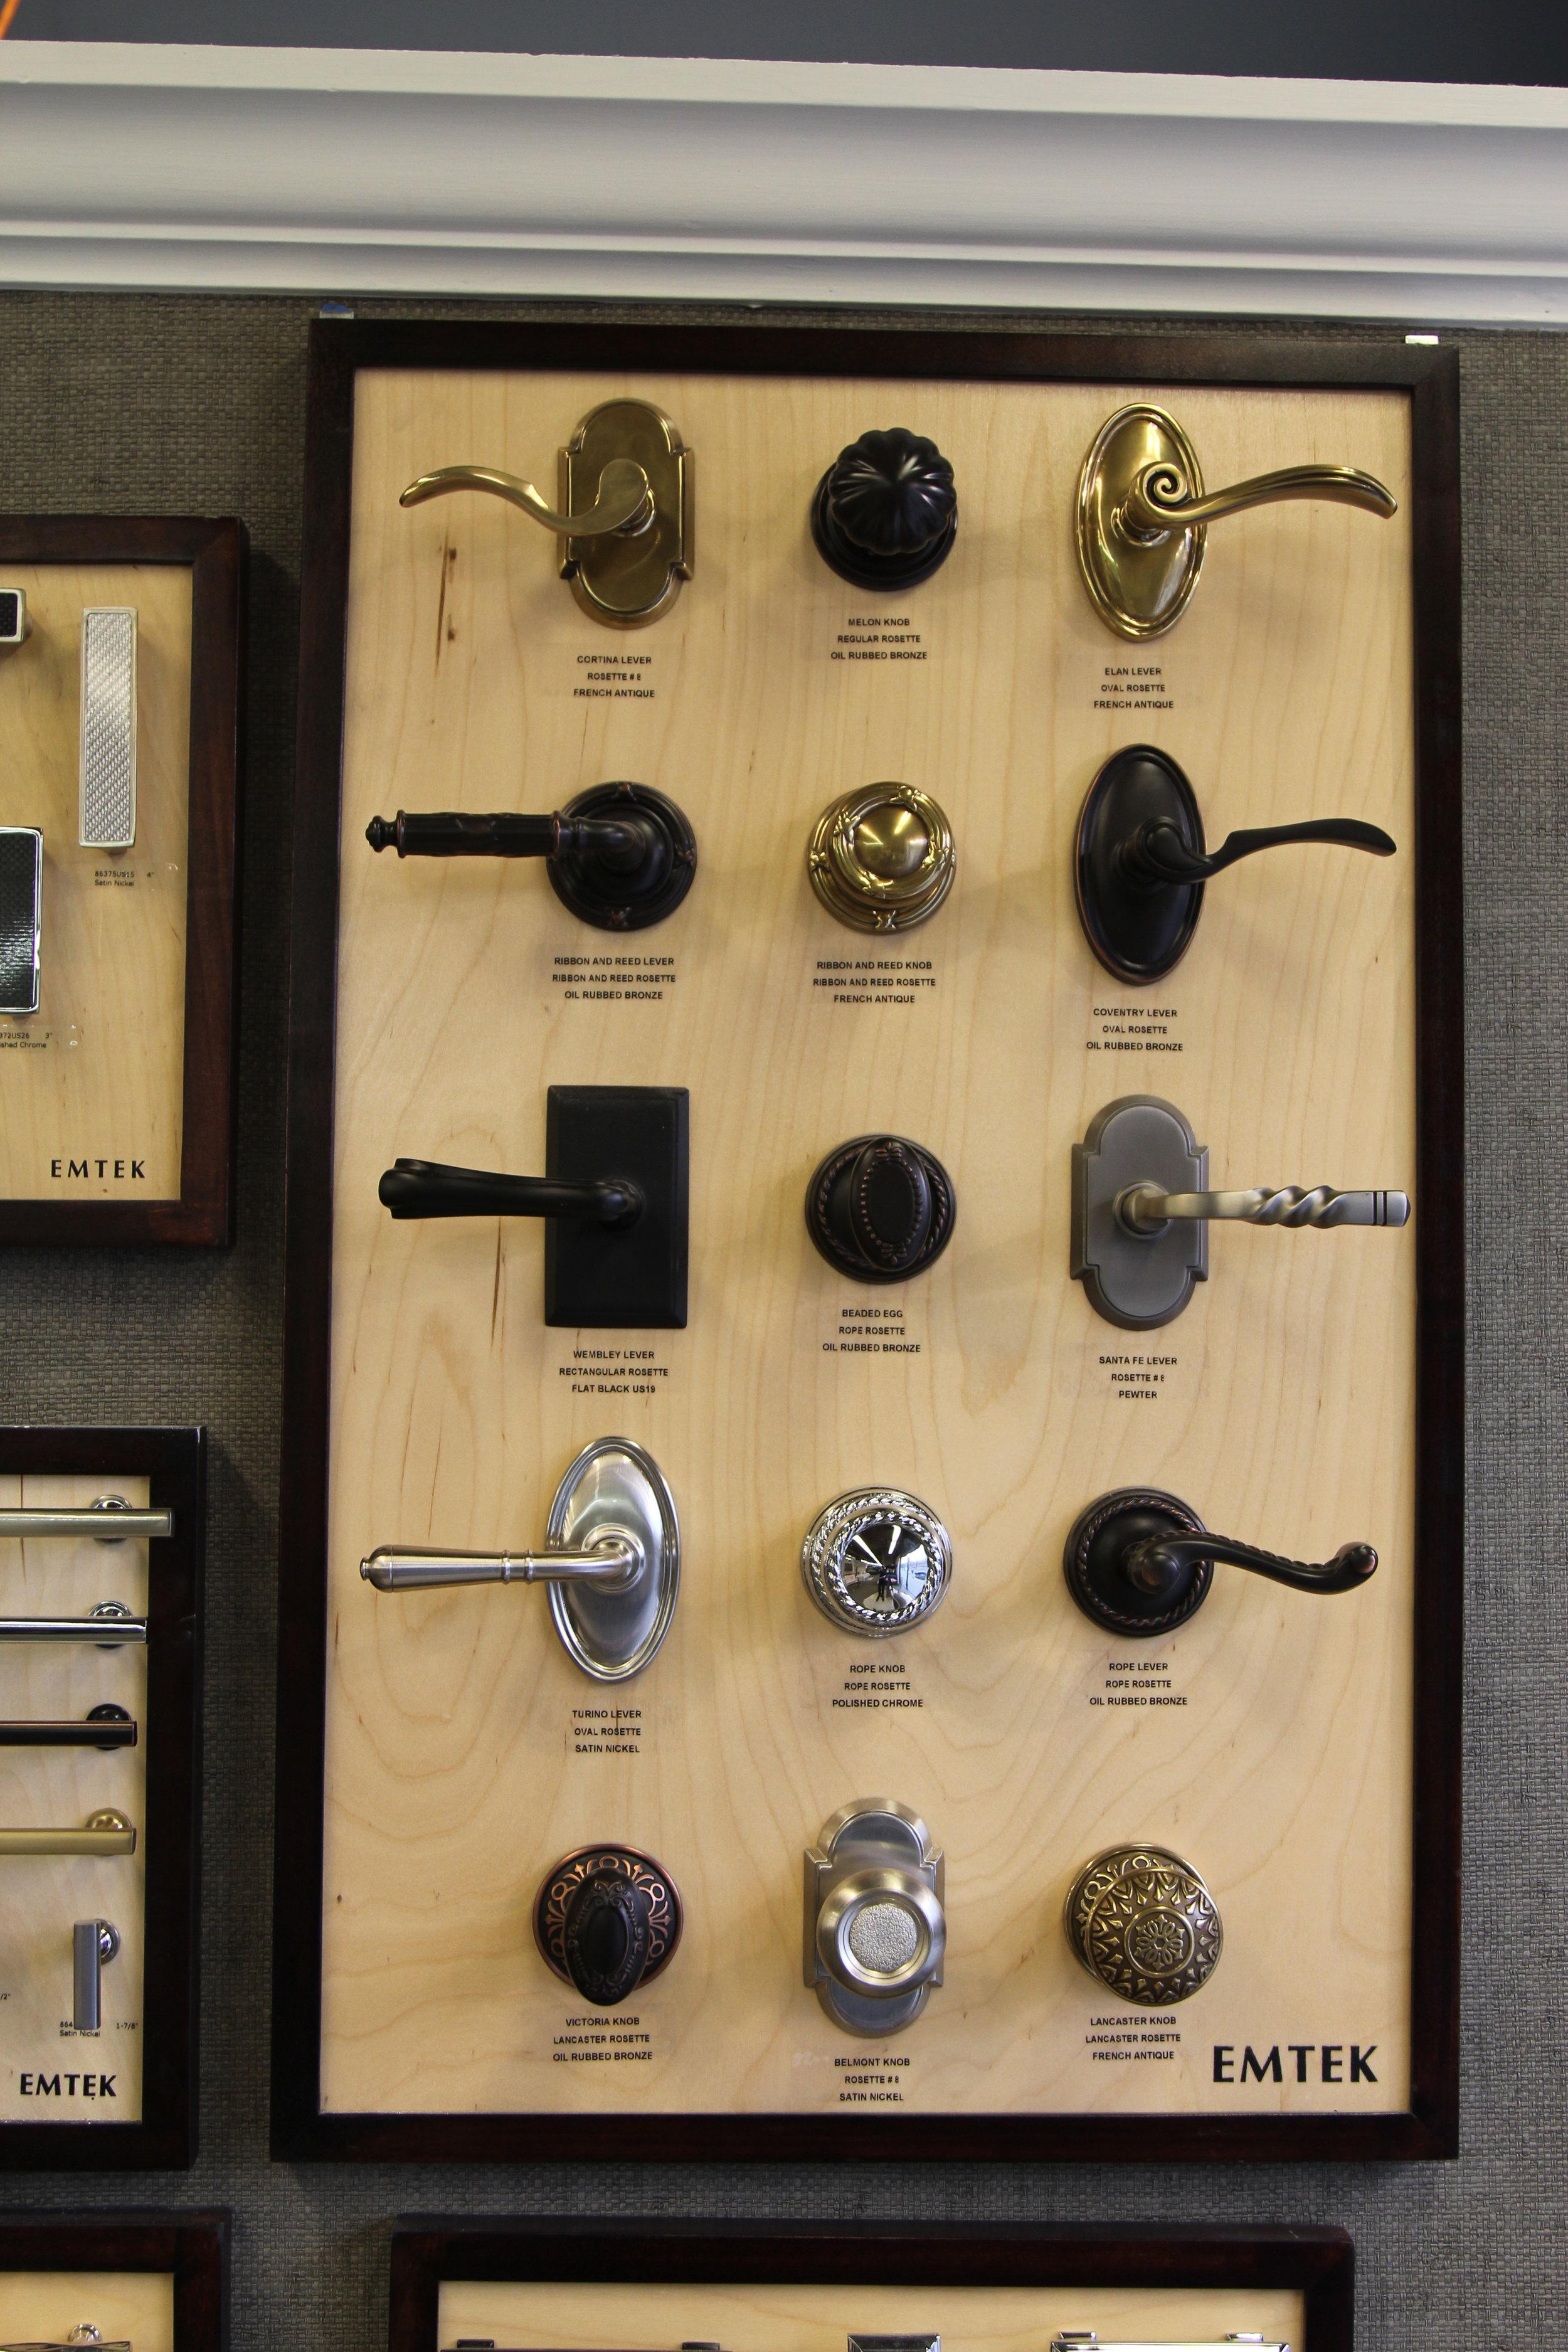 emtek lever collection